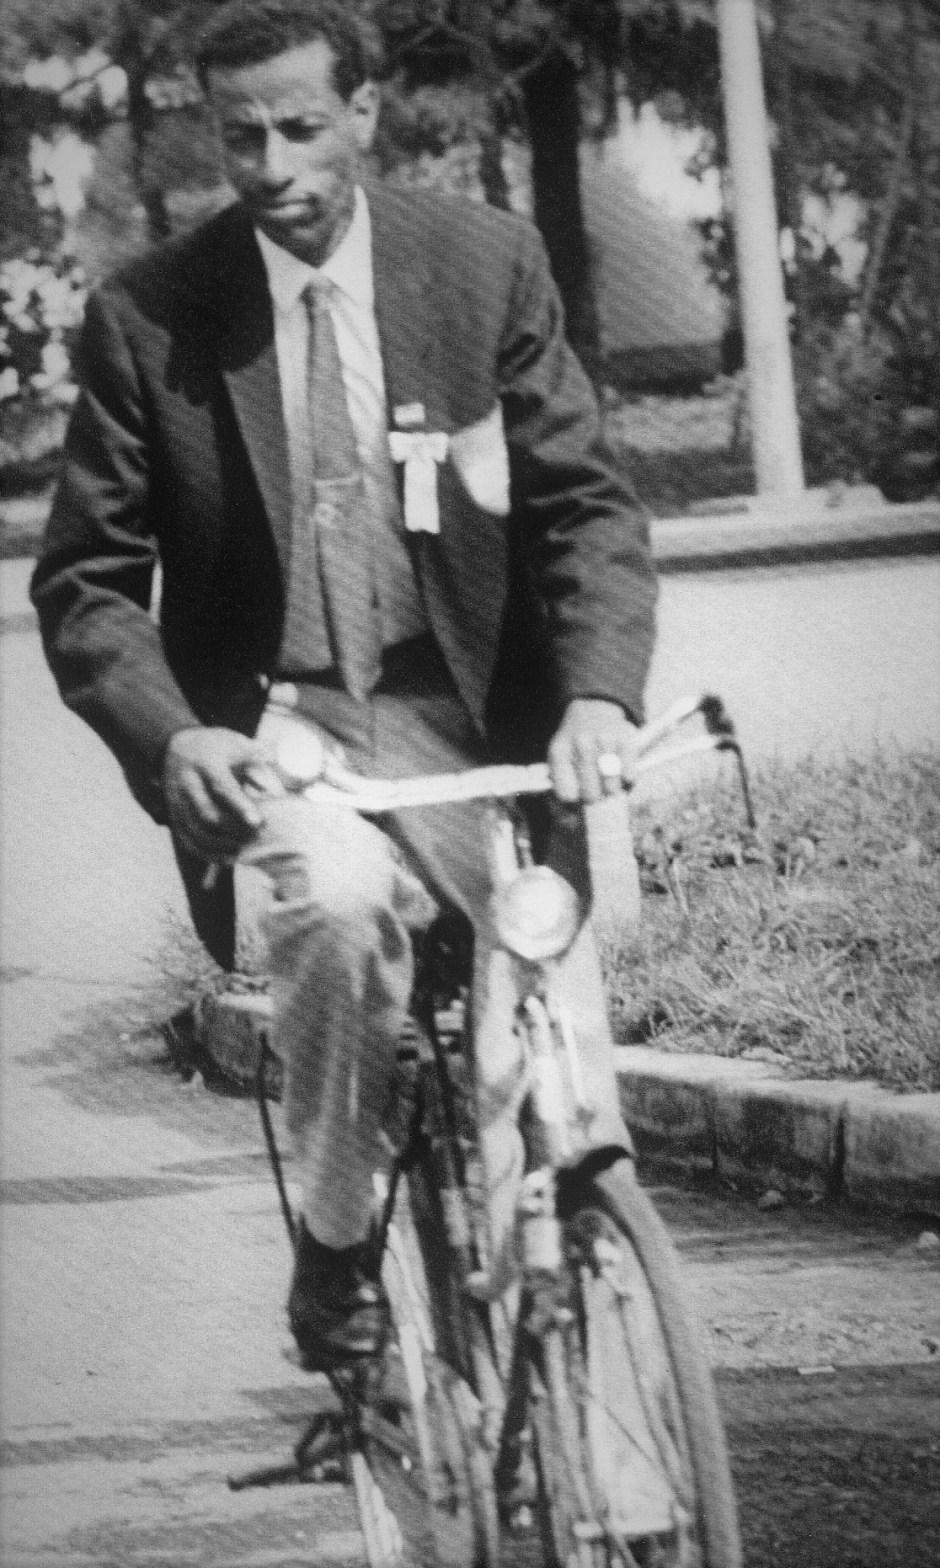 Abebe Bikila on a bicycle_Bi to Chikara